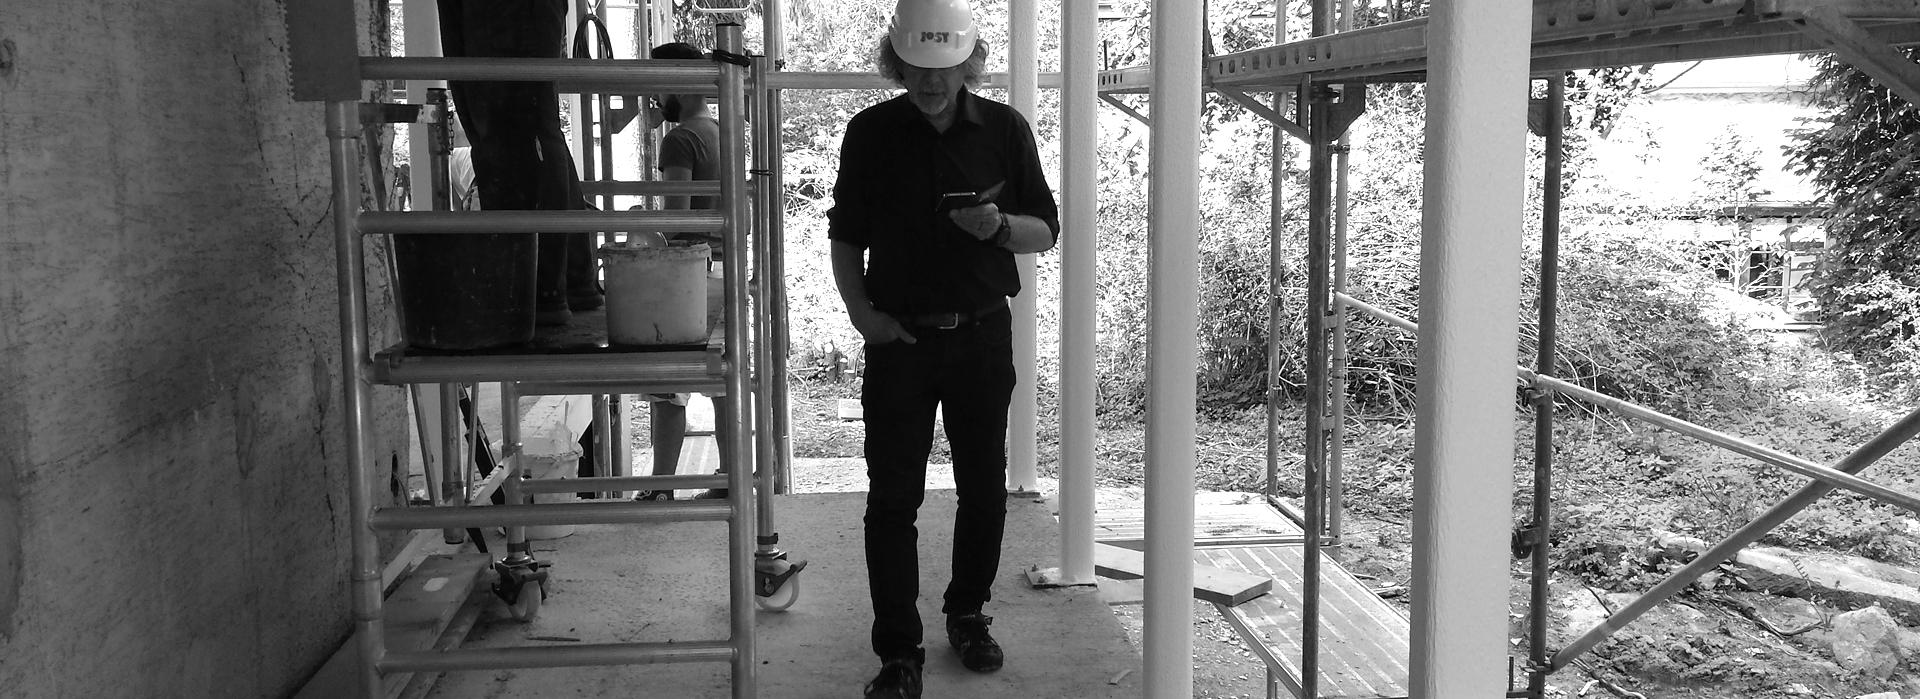 Stellenanzeigen jost consult m nster gmbh for Stellenanzeigen architekt